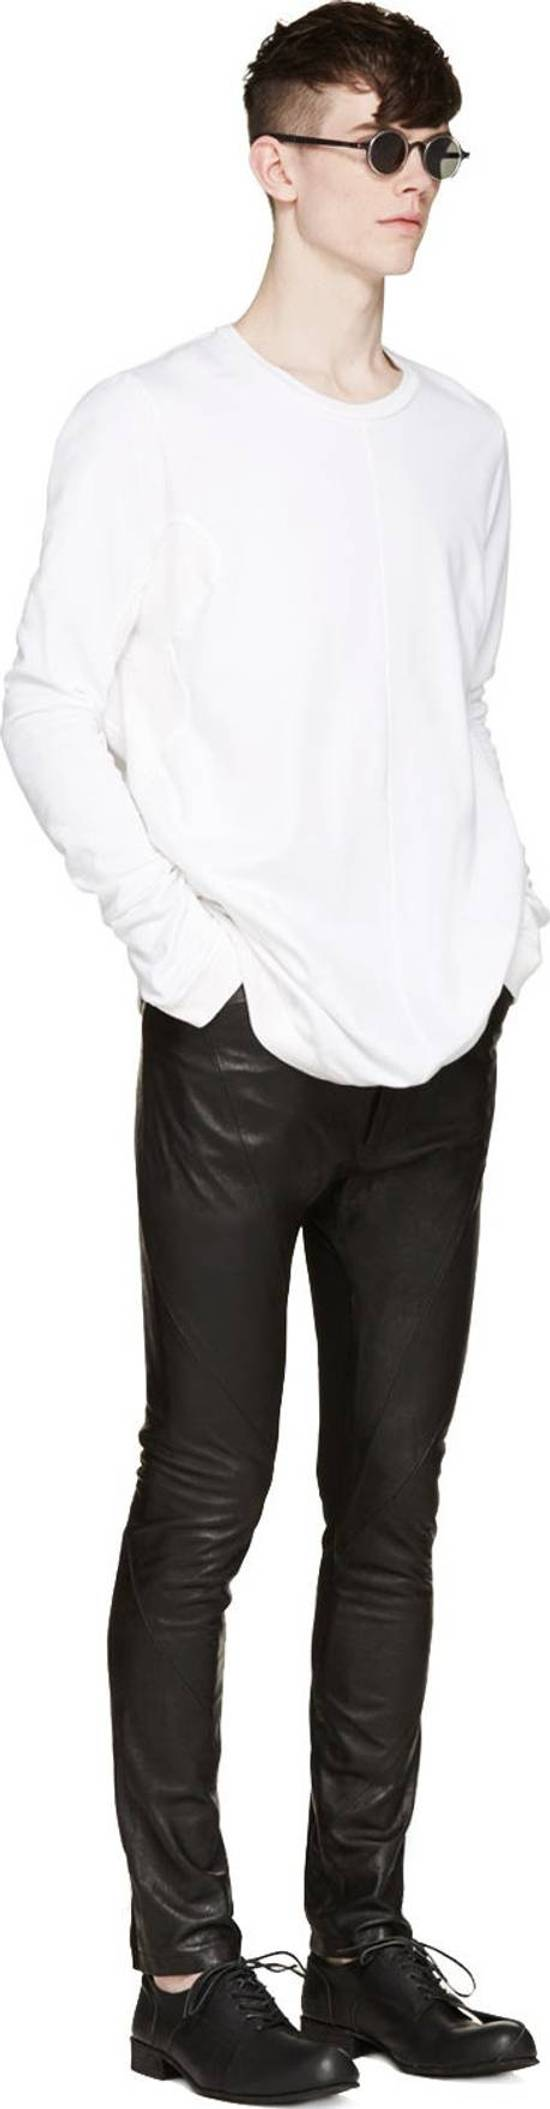 Julius Paneled Sweatshirt 3 STEAL Prism Size US M / EU 48-50 / 2 - 7